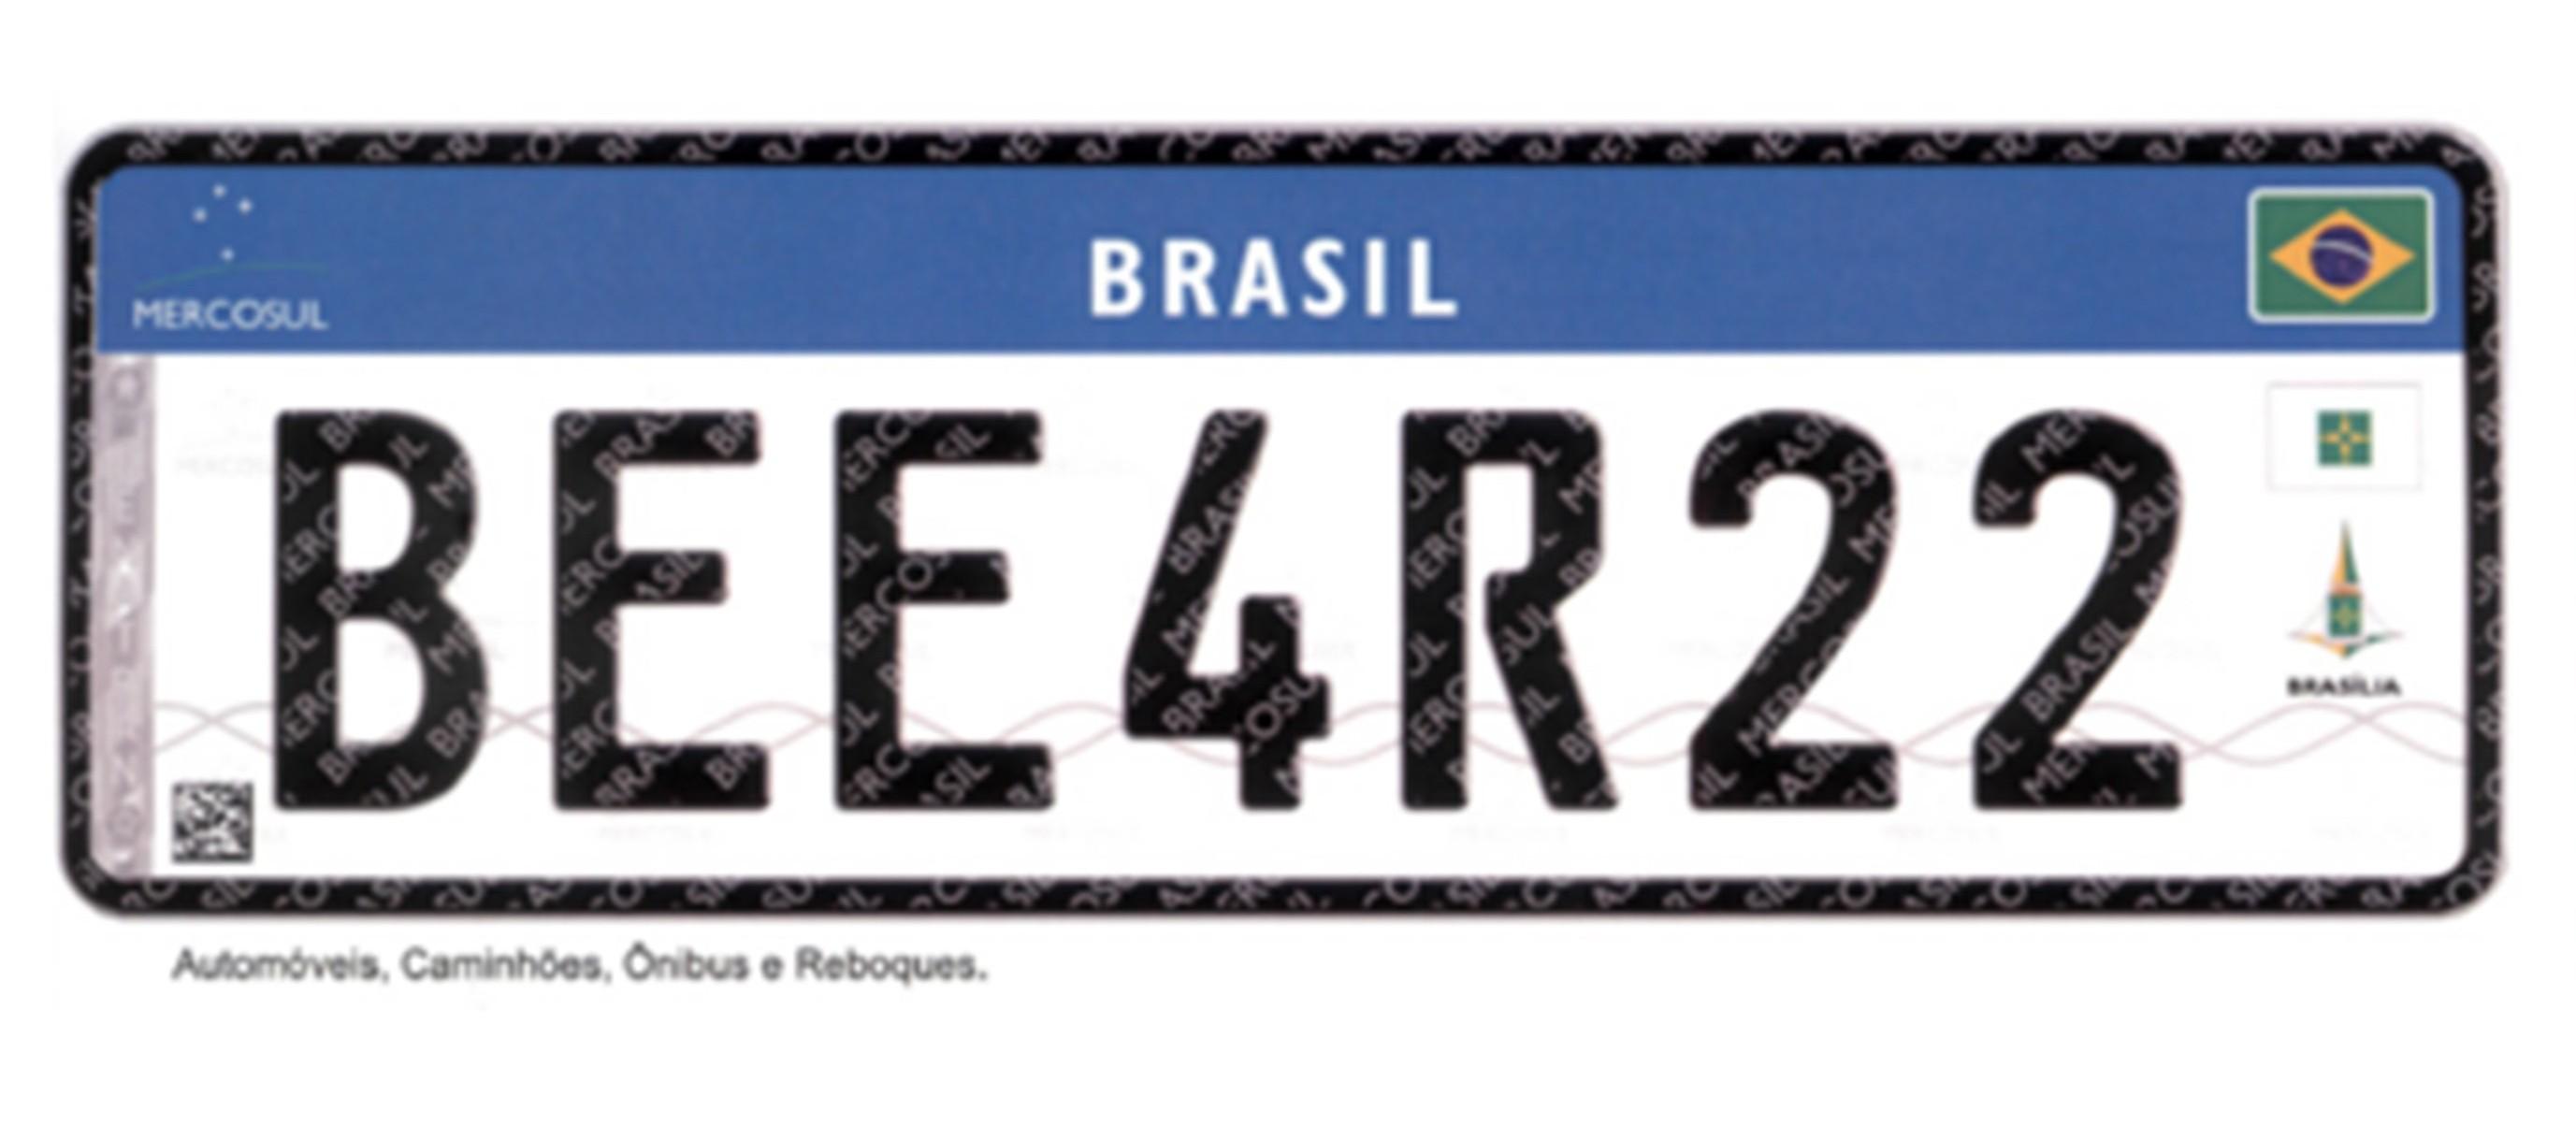 Instalação da placa padrão Mercosul causa transtornos em Maringá